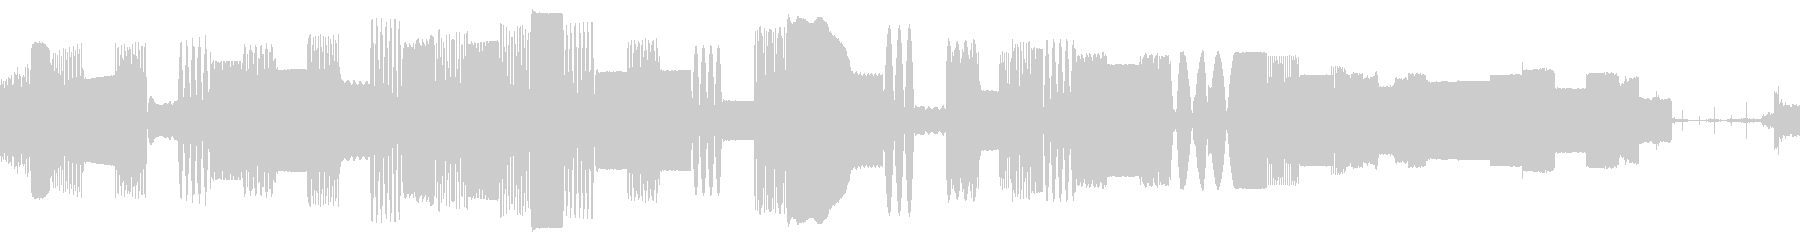 ビープ音12の未再生の波形